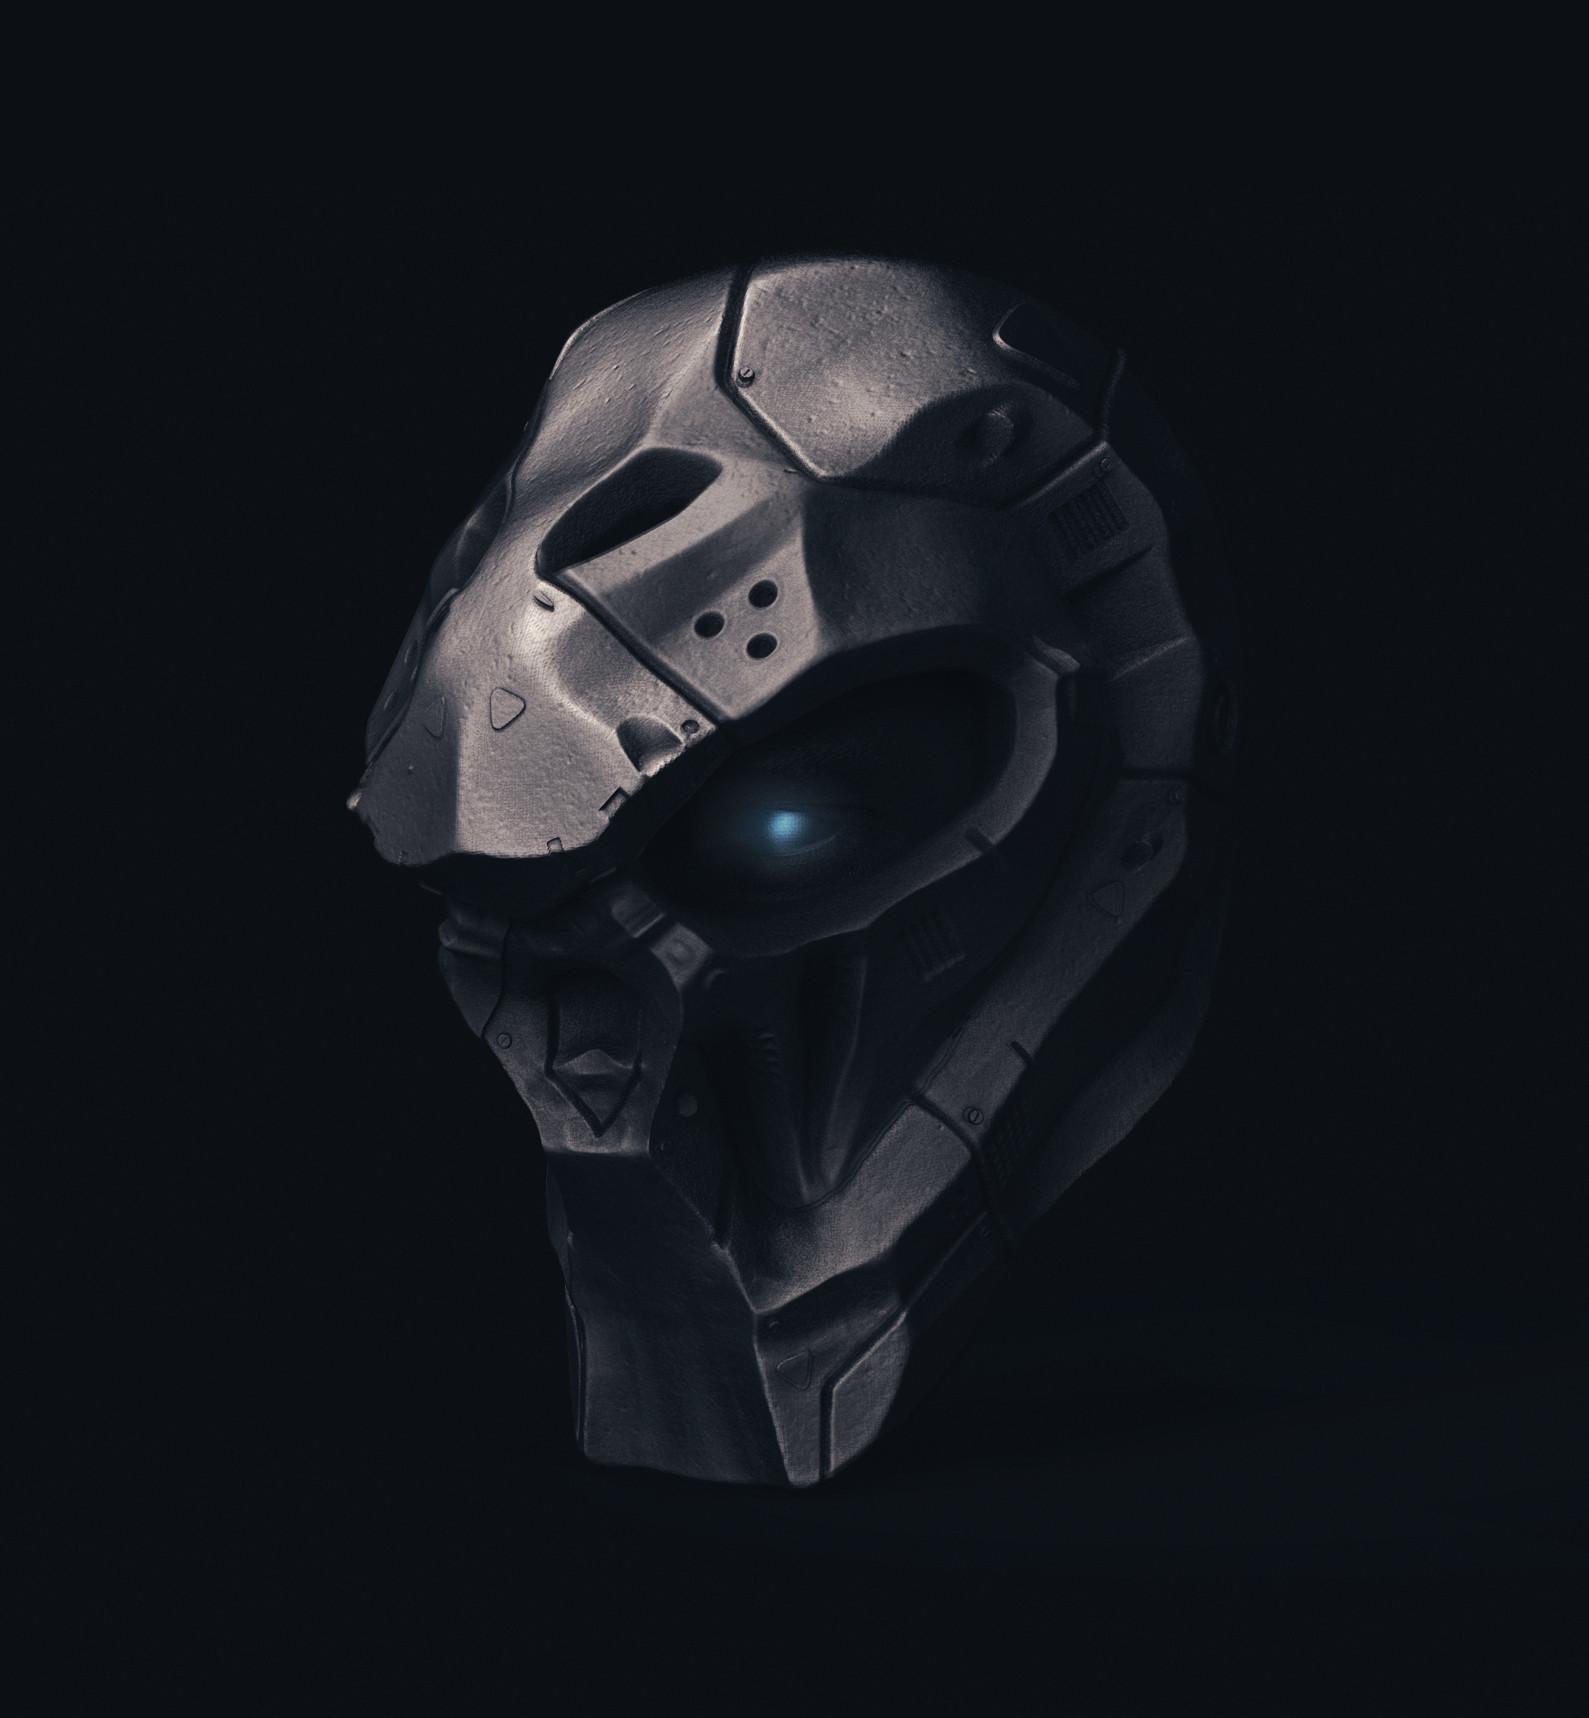 Ry cloze skull robot1